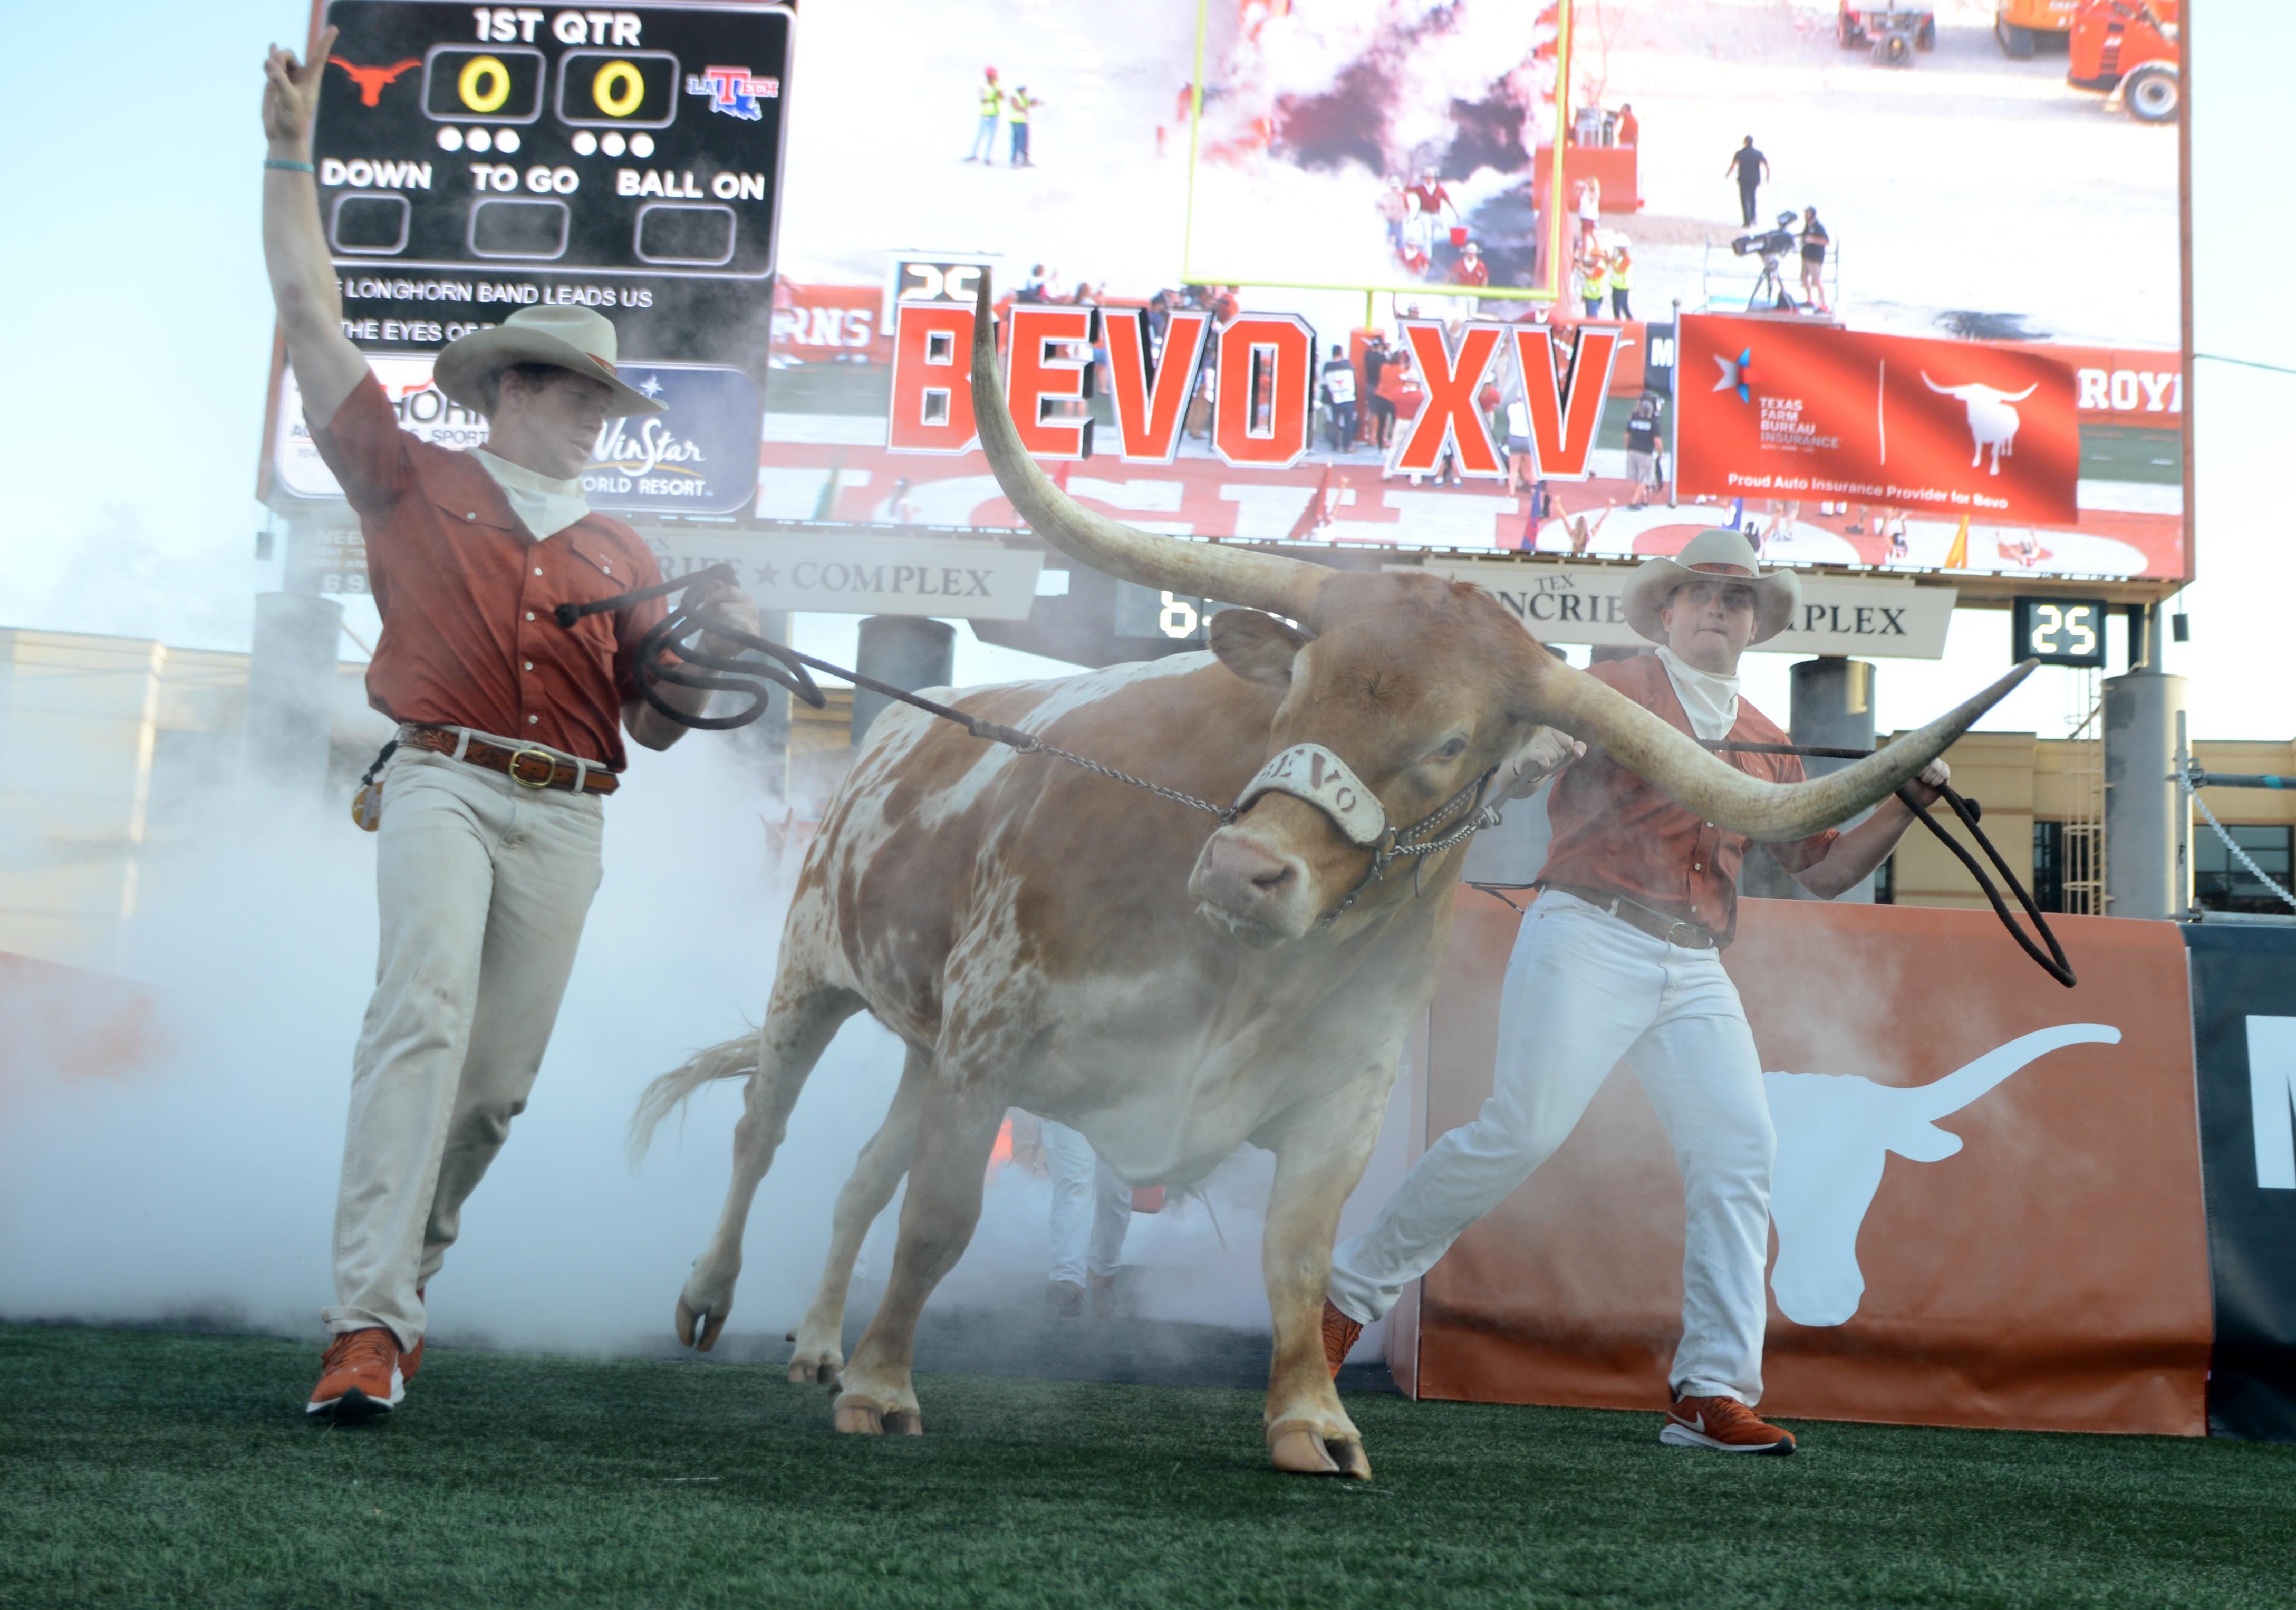 COLLEGE FOOTBALL: AUG 31 Louisiana Tech at Texas